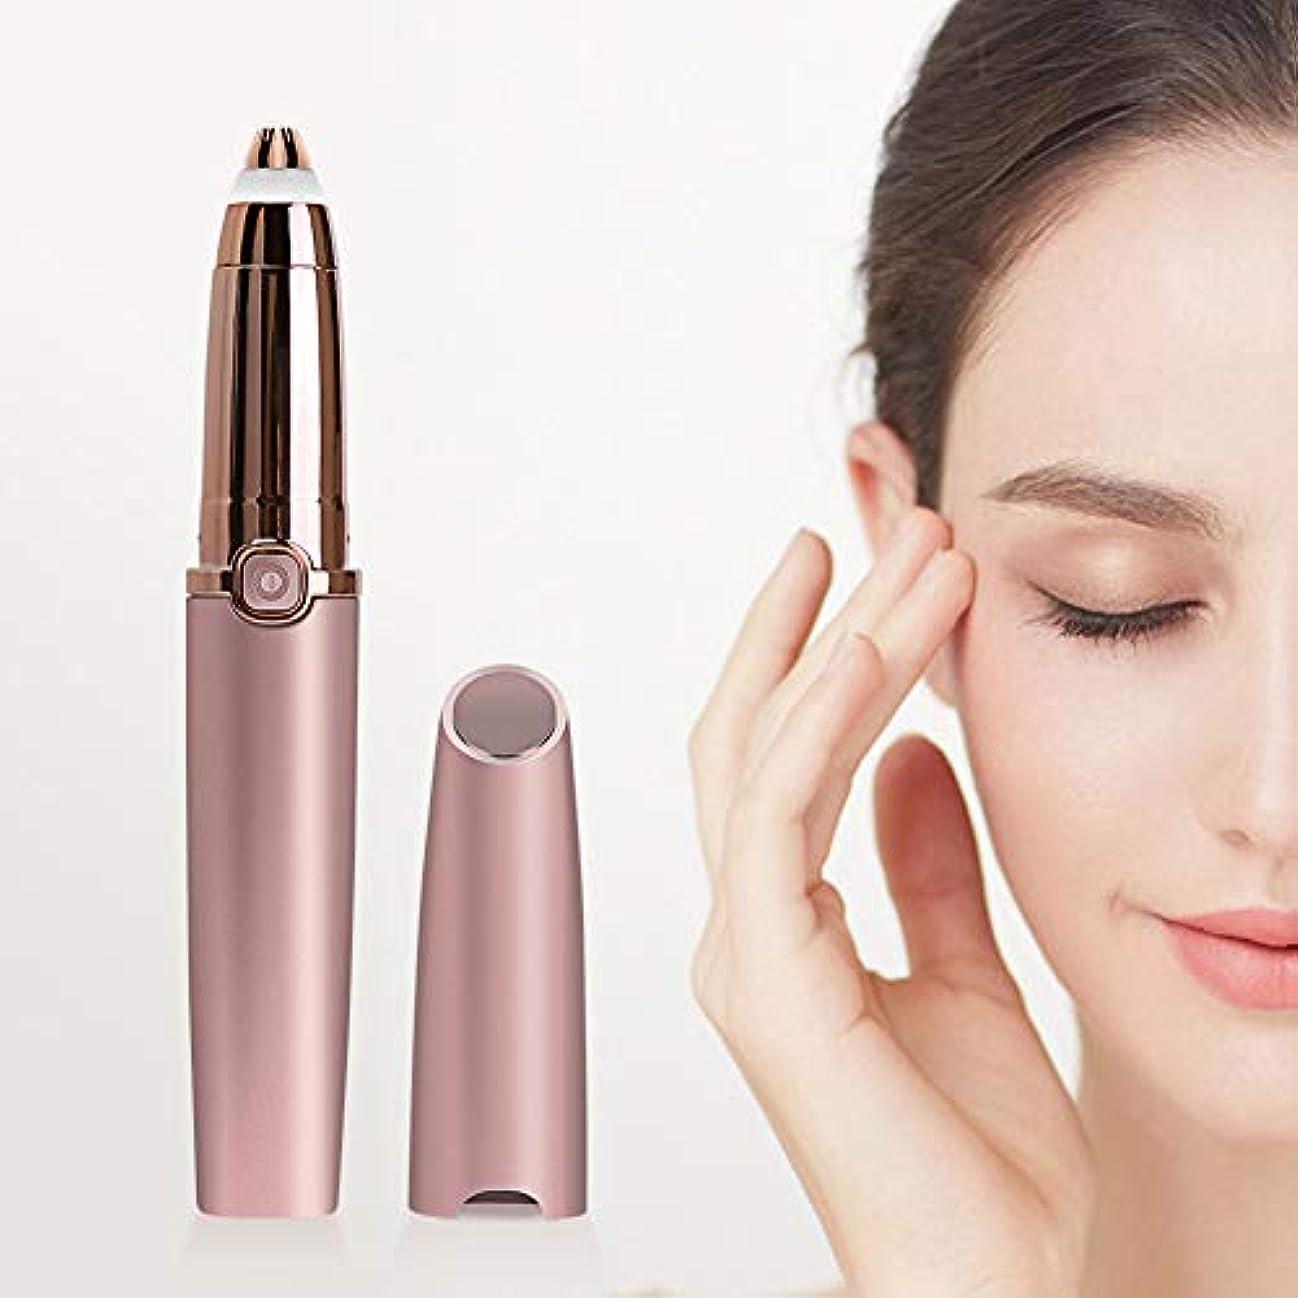 ペン民間プラスチック電動眉修理ミニポータブル眉毛剃毛脱毛装置痛みのないかみそり女性顔の毛の除去装置